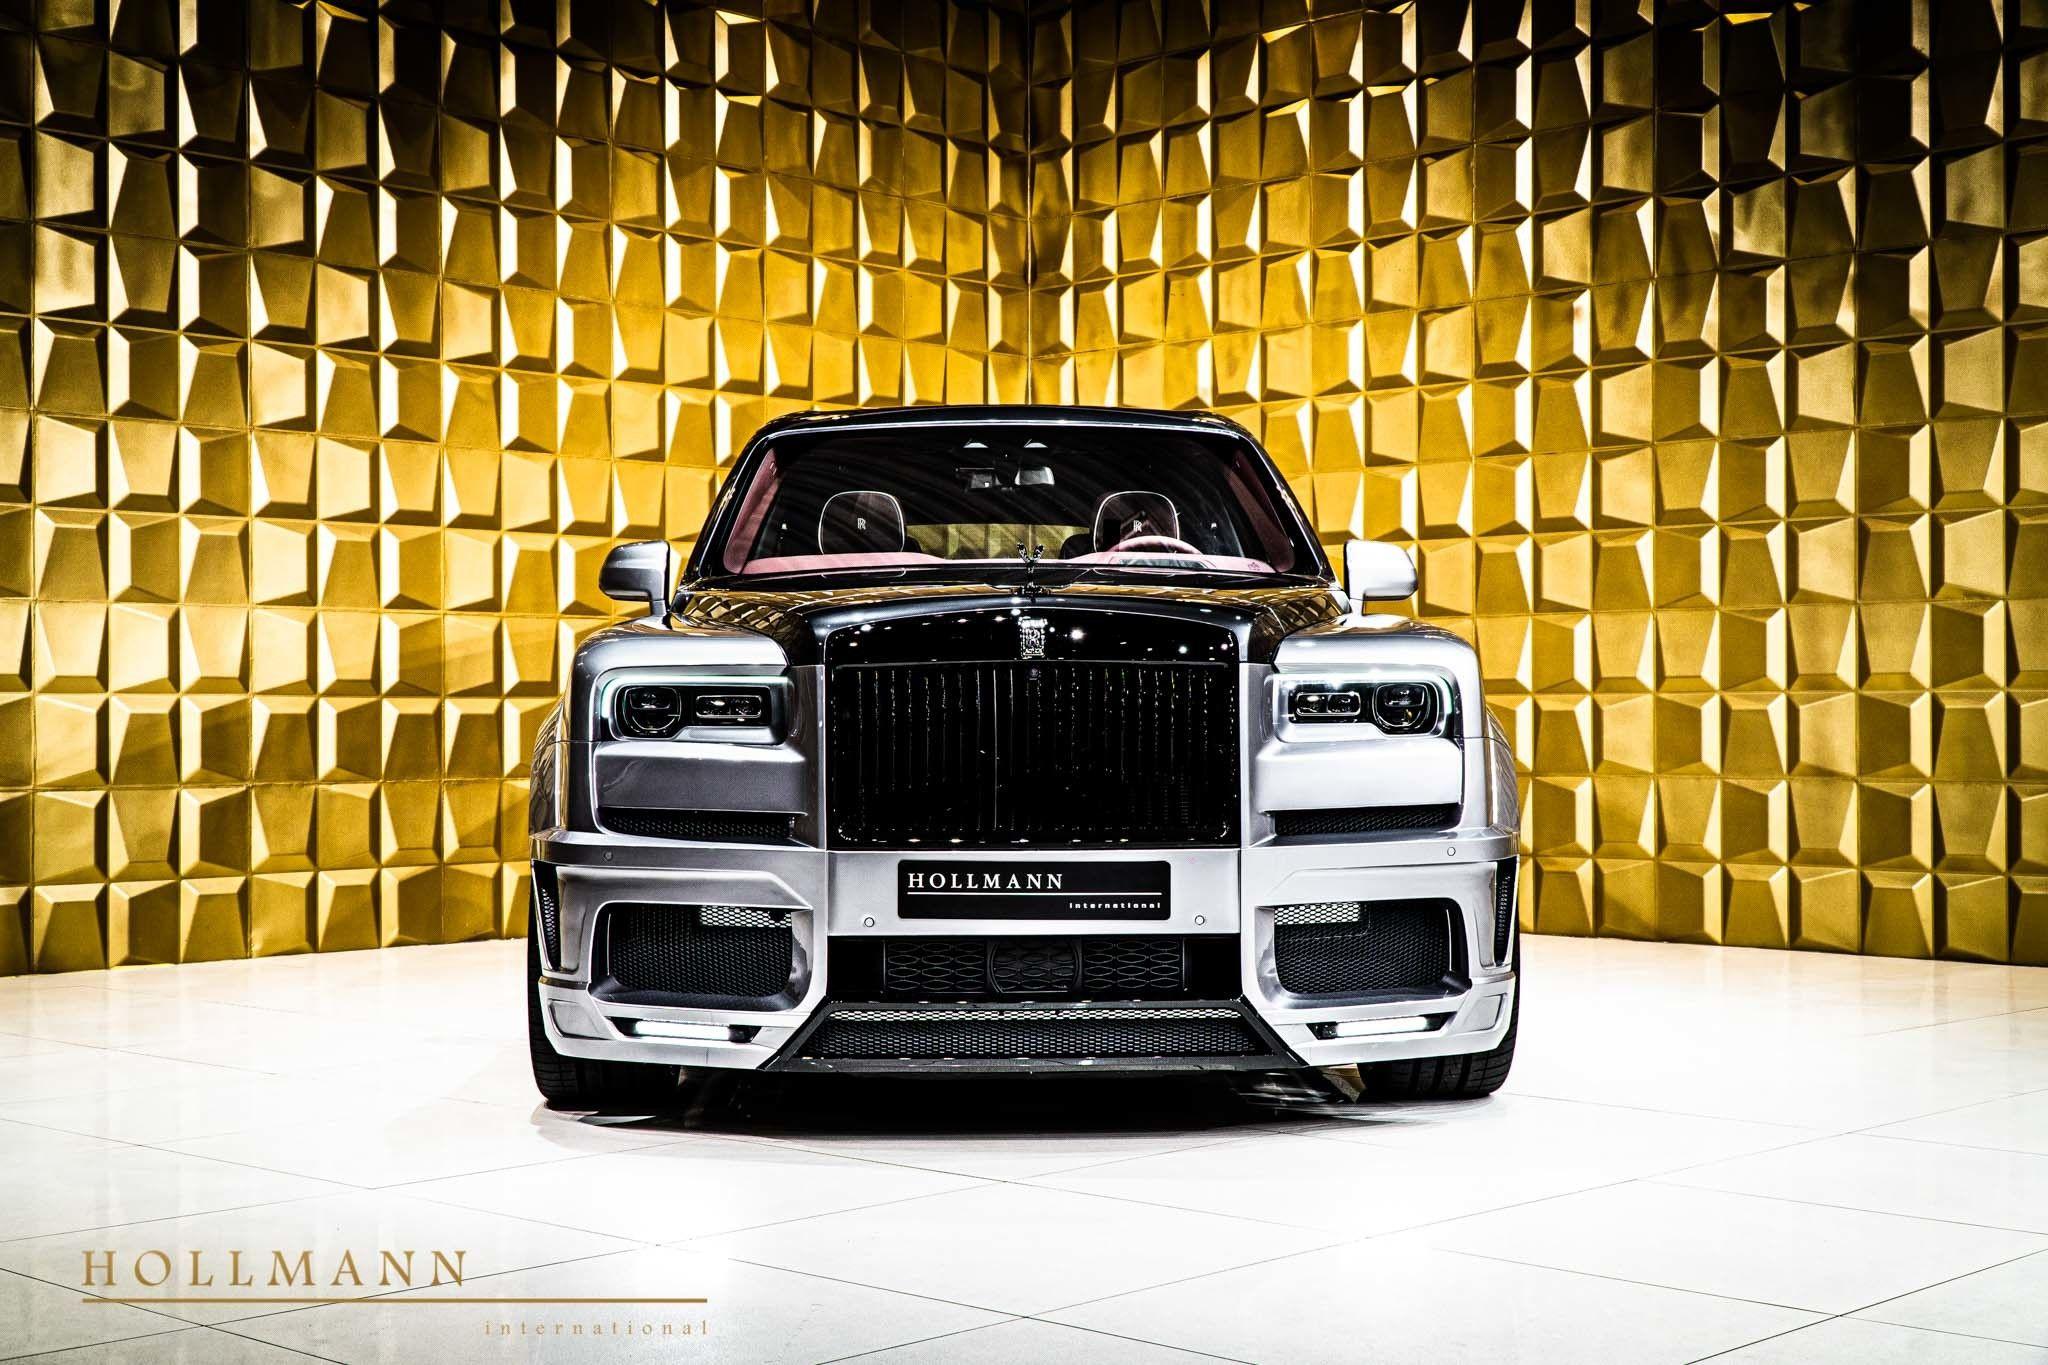 Rolls Royce Cullinan By Novitec Hollmann International Germany For Sale On Luxurypulse In 2021 Rolls Royce Cullinan Rolls Royce Royce